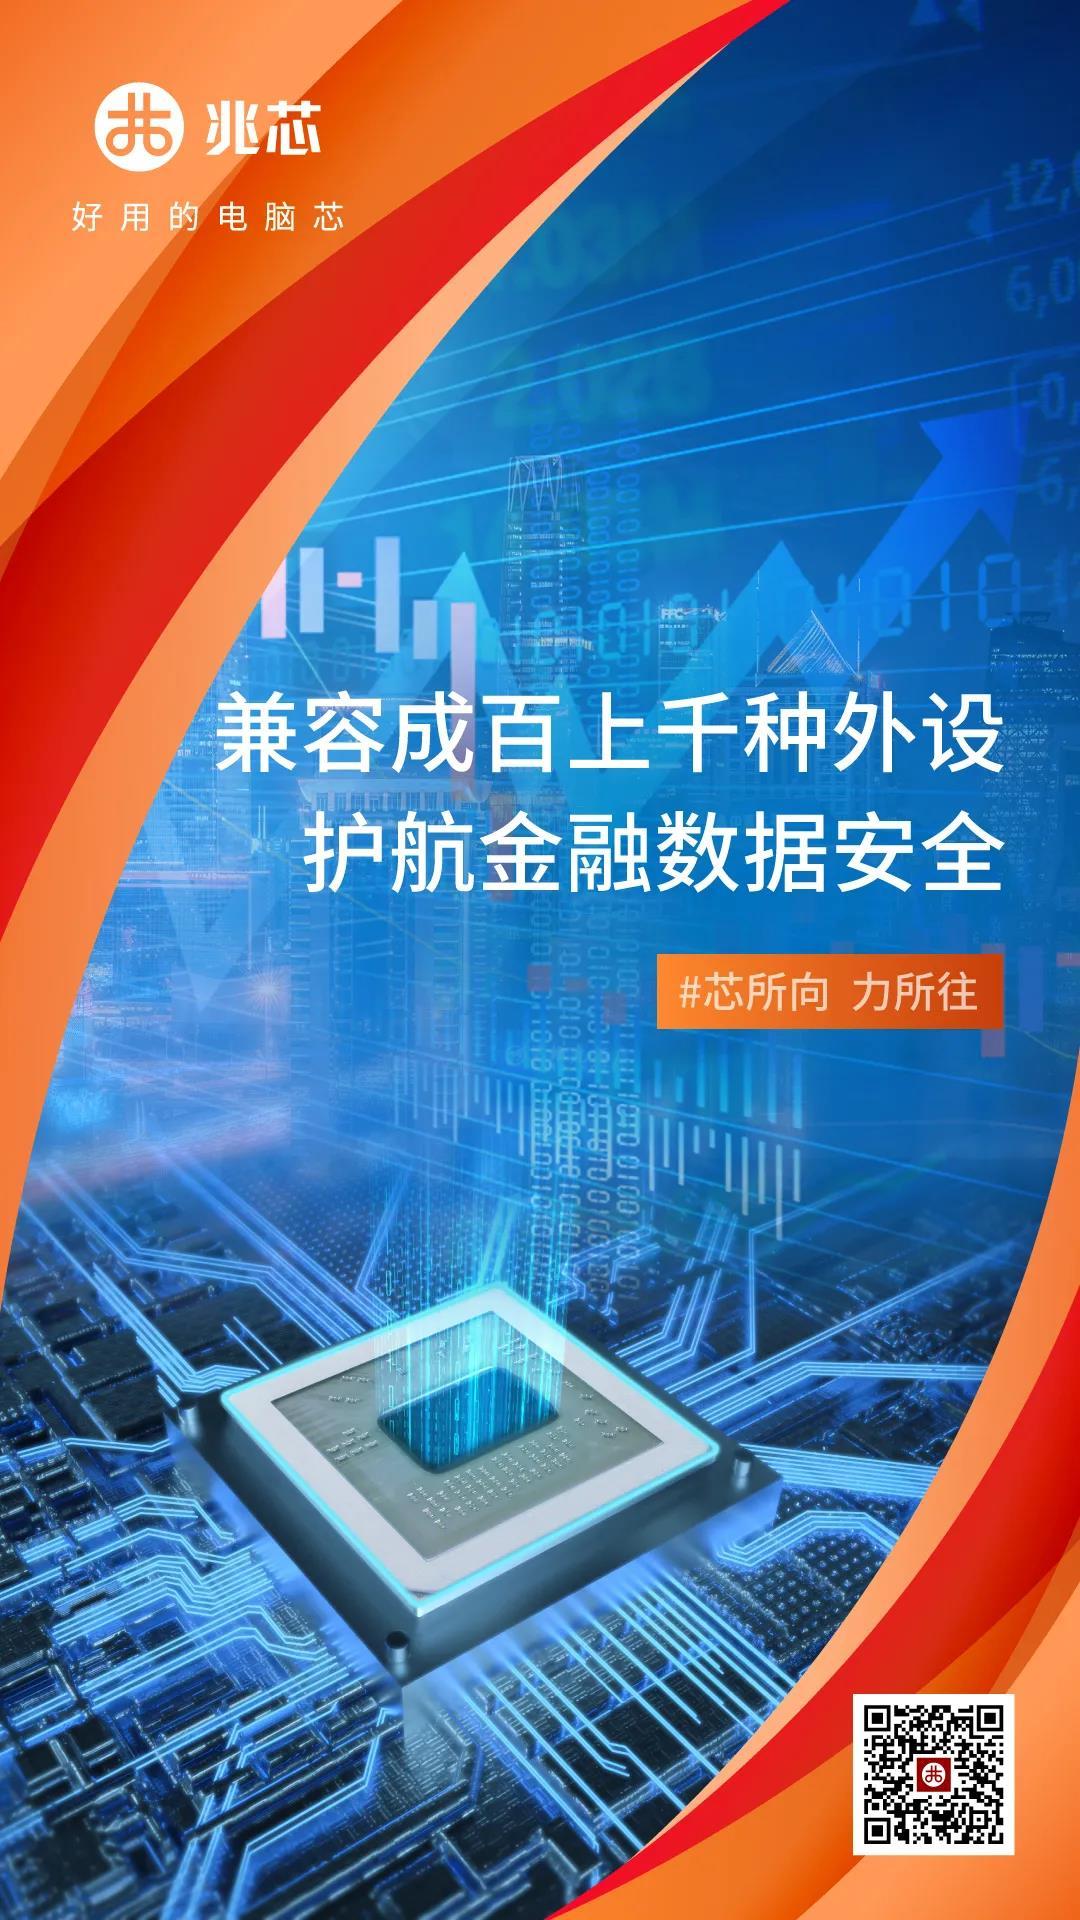 捷报!基于兆芯CPU的东方通信金融自助终端成功落地中国工商银行